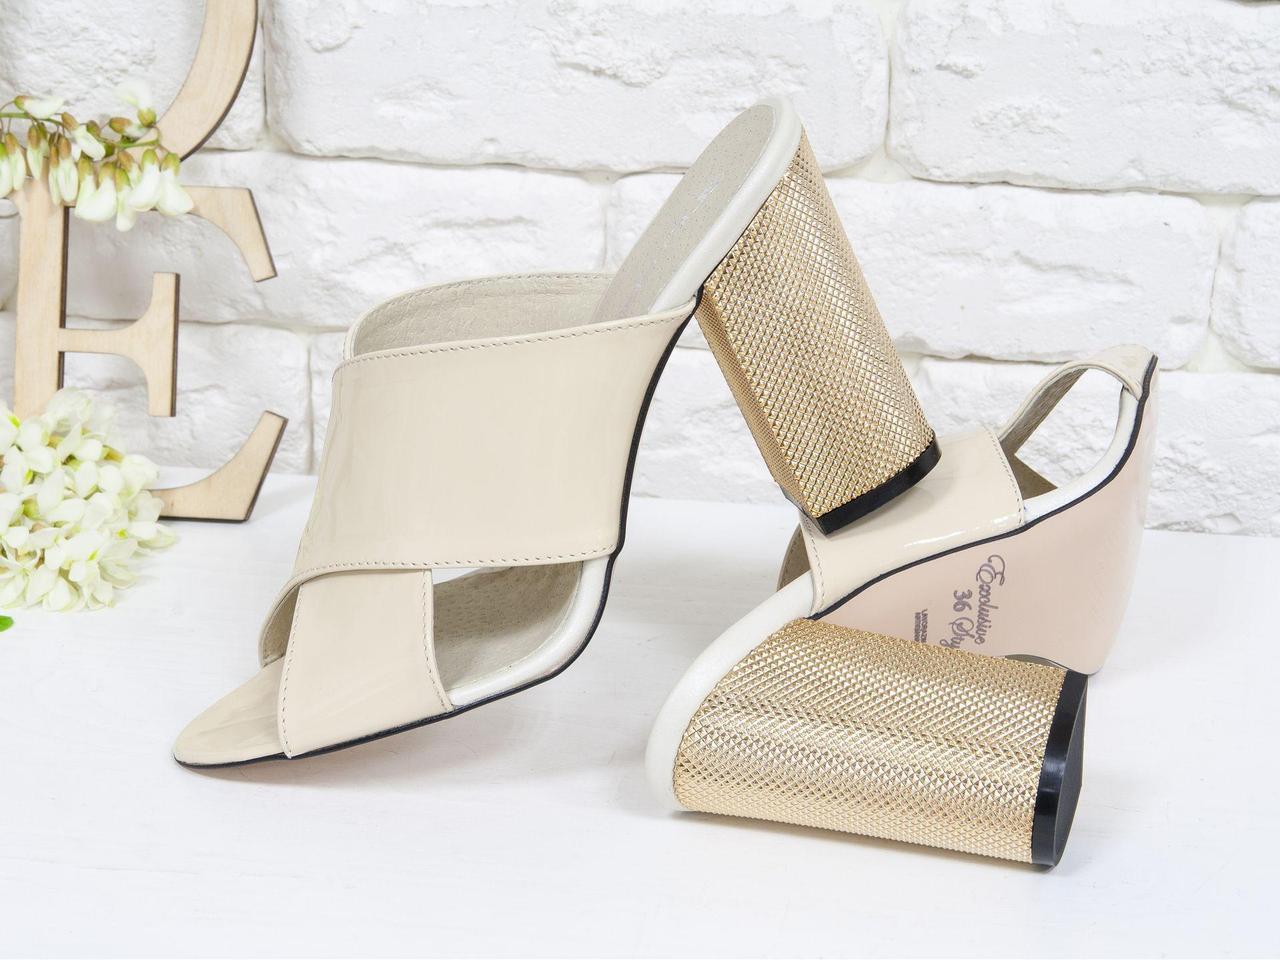 Шлепанцы из натуральной лаковой кожи молочного цвета, на утолщенном каблуке золотого цвета с объемным рисунком